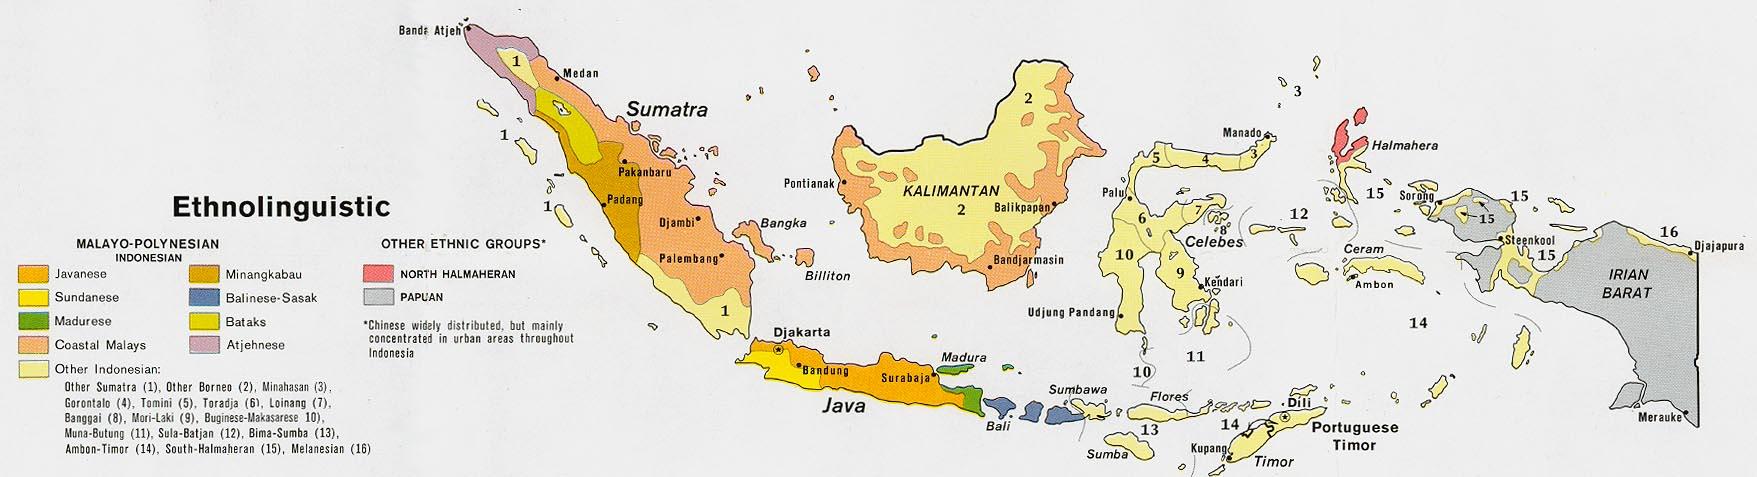 Indonesia Ethnolinguistic Map